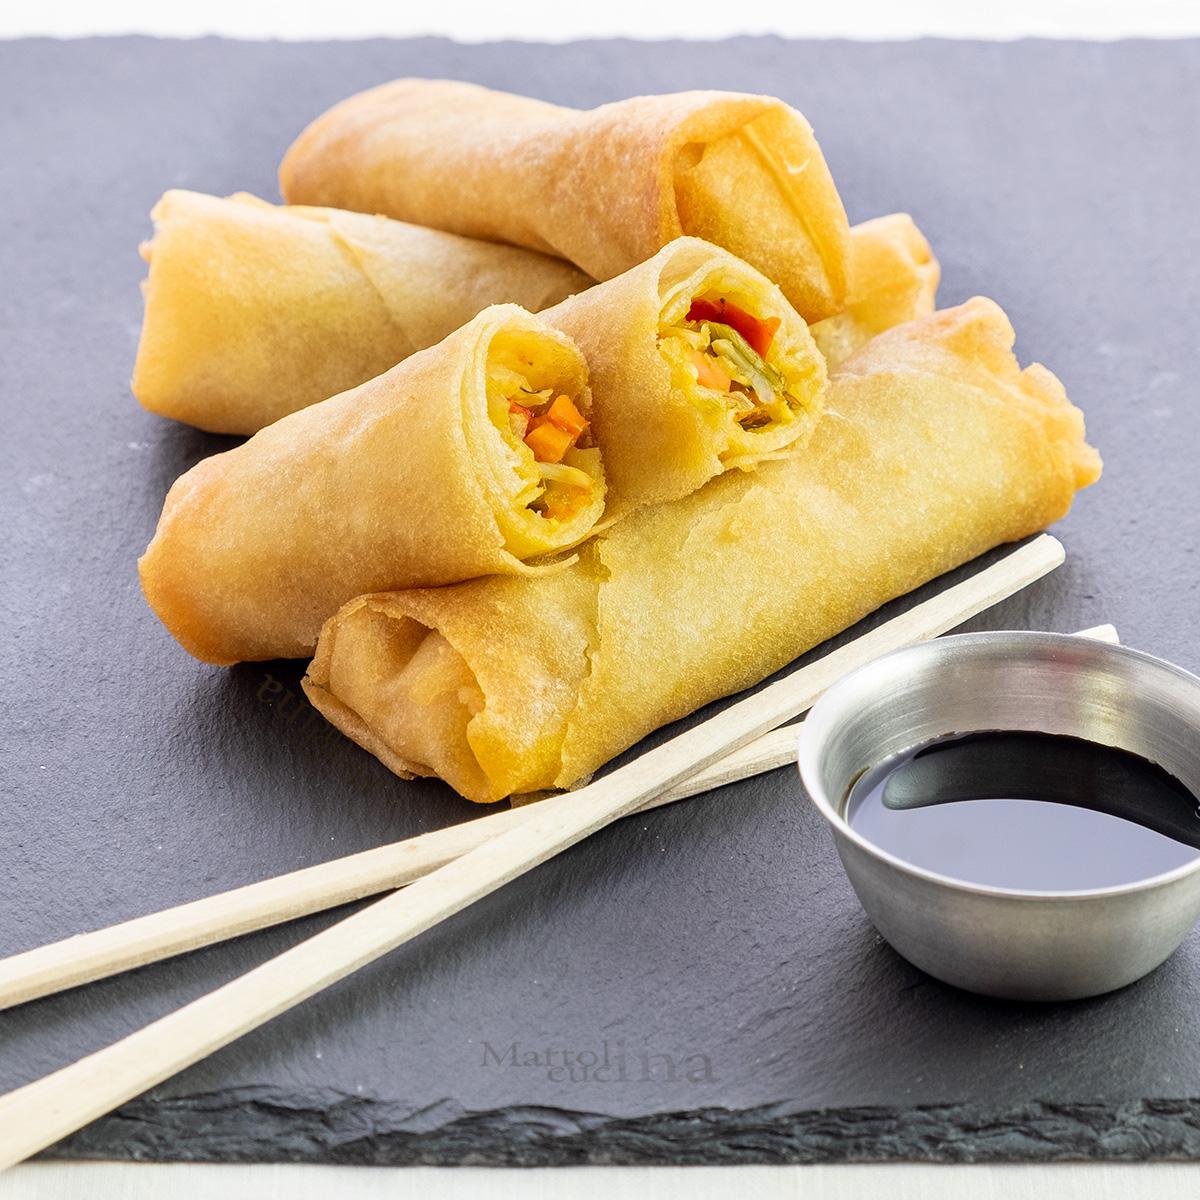 Ricetta Involtini Primavera Con Carne.Involtini Primavera Ricetta Facile Cucina Cinese